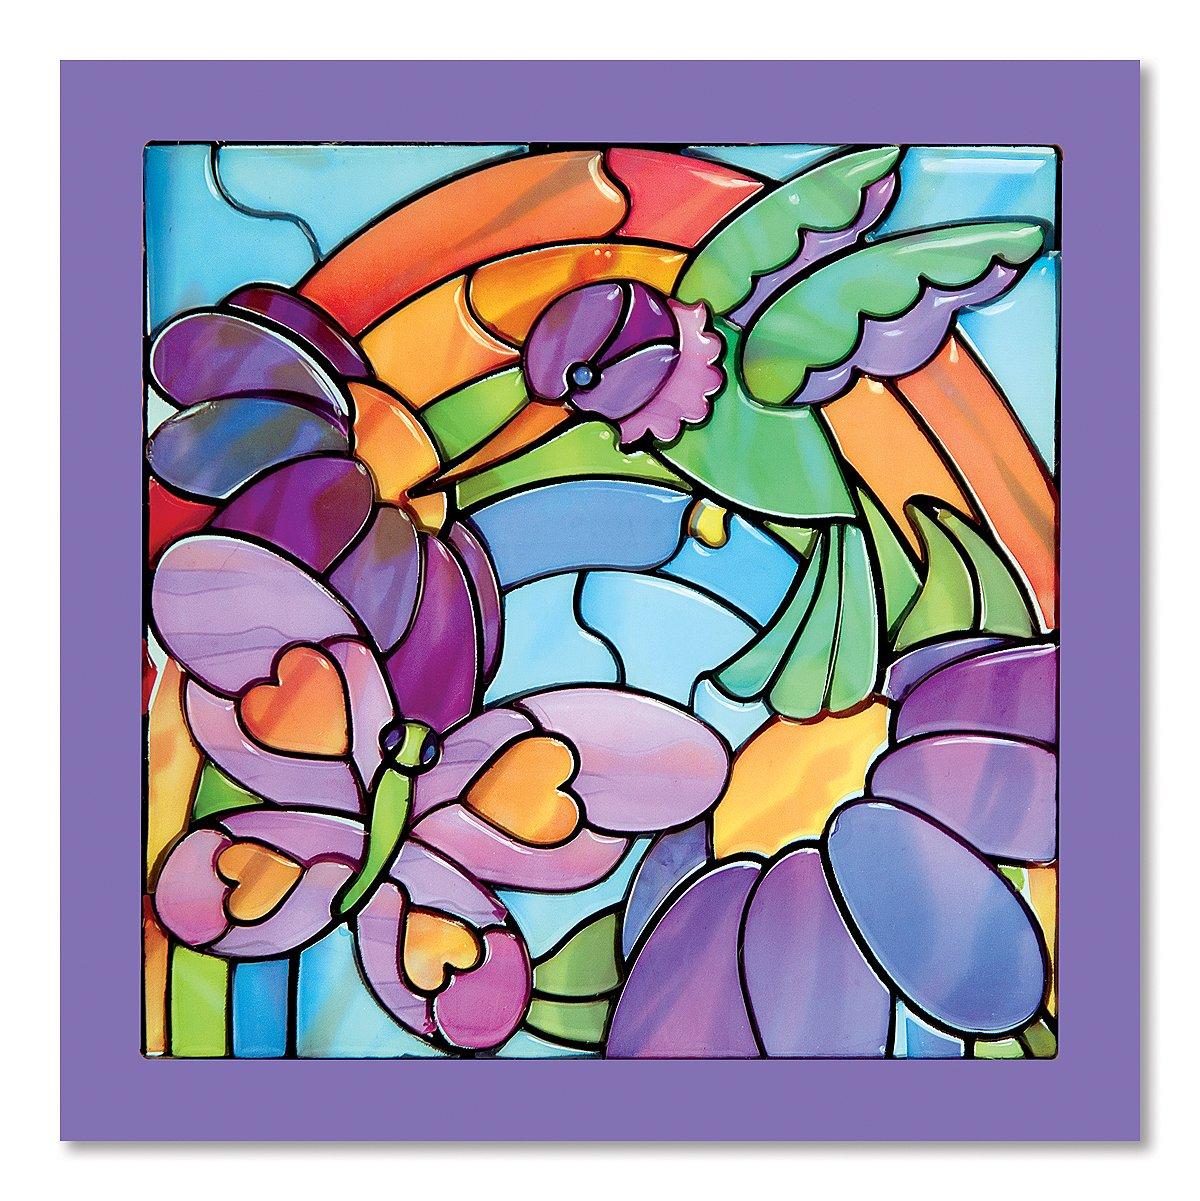 Melissa & Doug - 14264 - Vitraux Devenus Un Jeu D'Enfant - Jardin Arc-En-Ciel - Multicolore